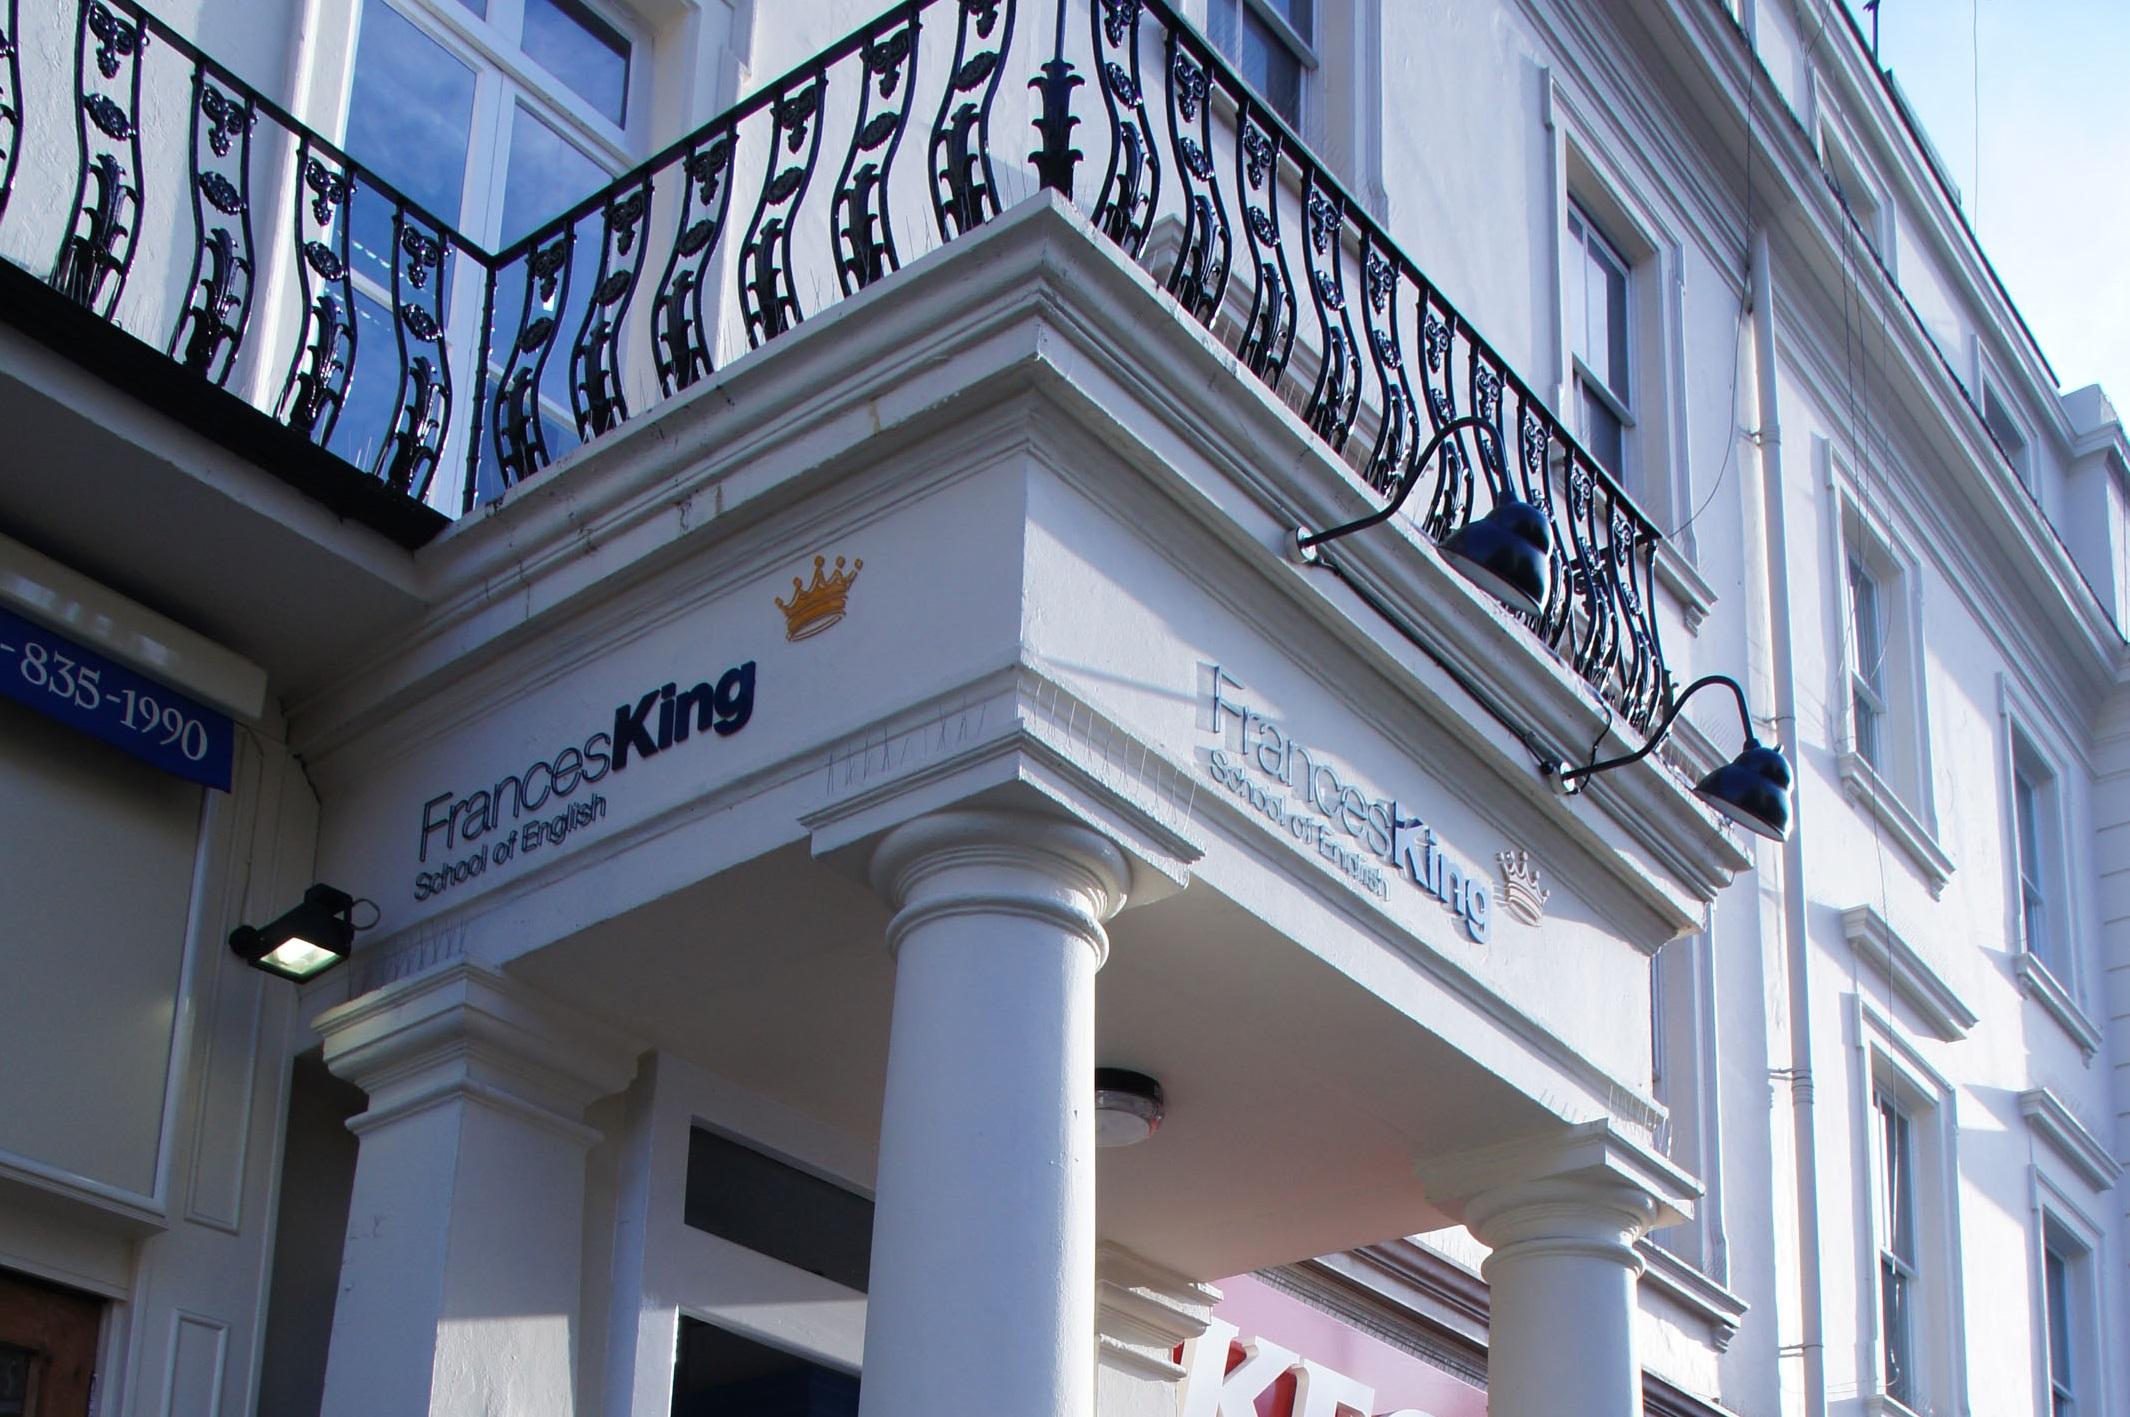 フランシス・キング・スクール・オブ・イングリッシュ ロンドン校:イメージ